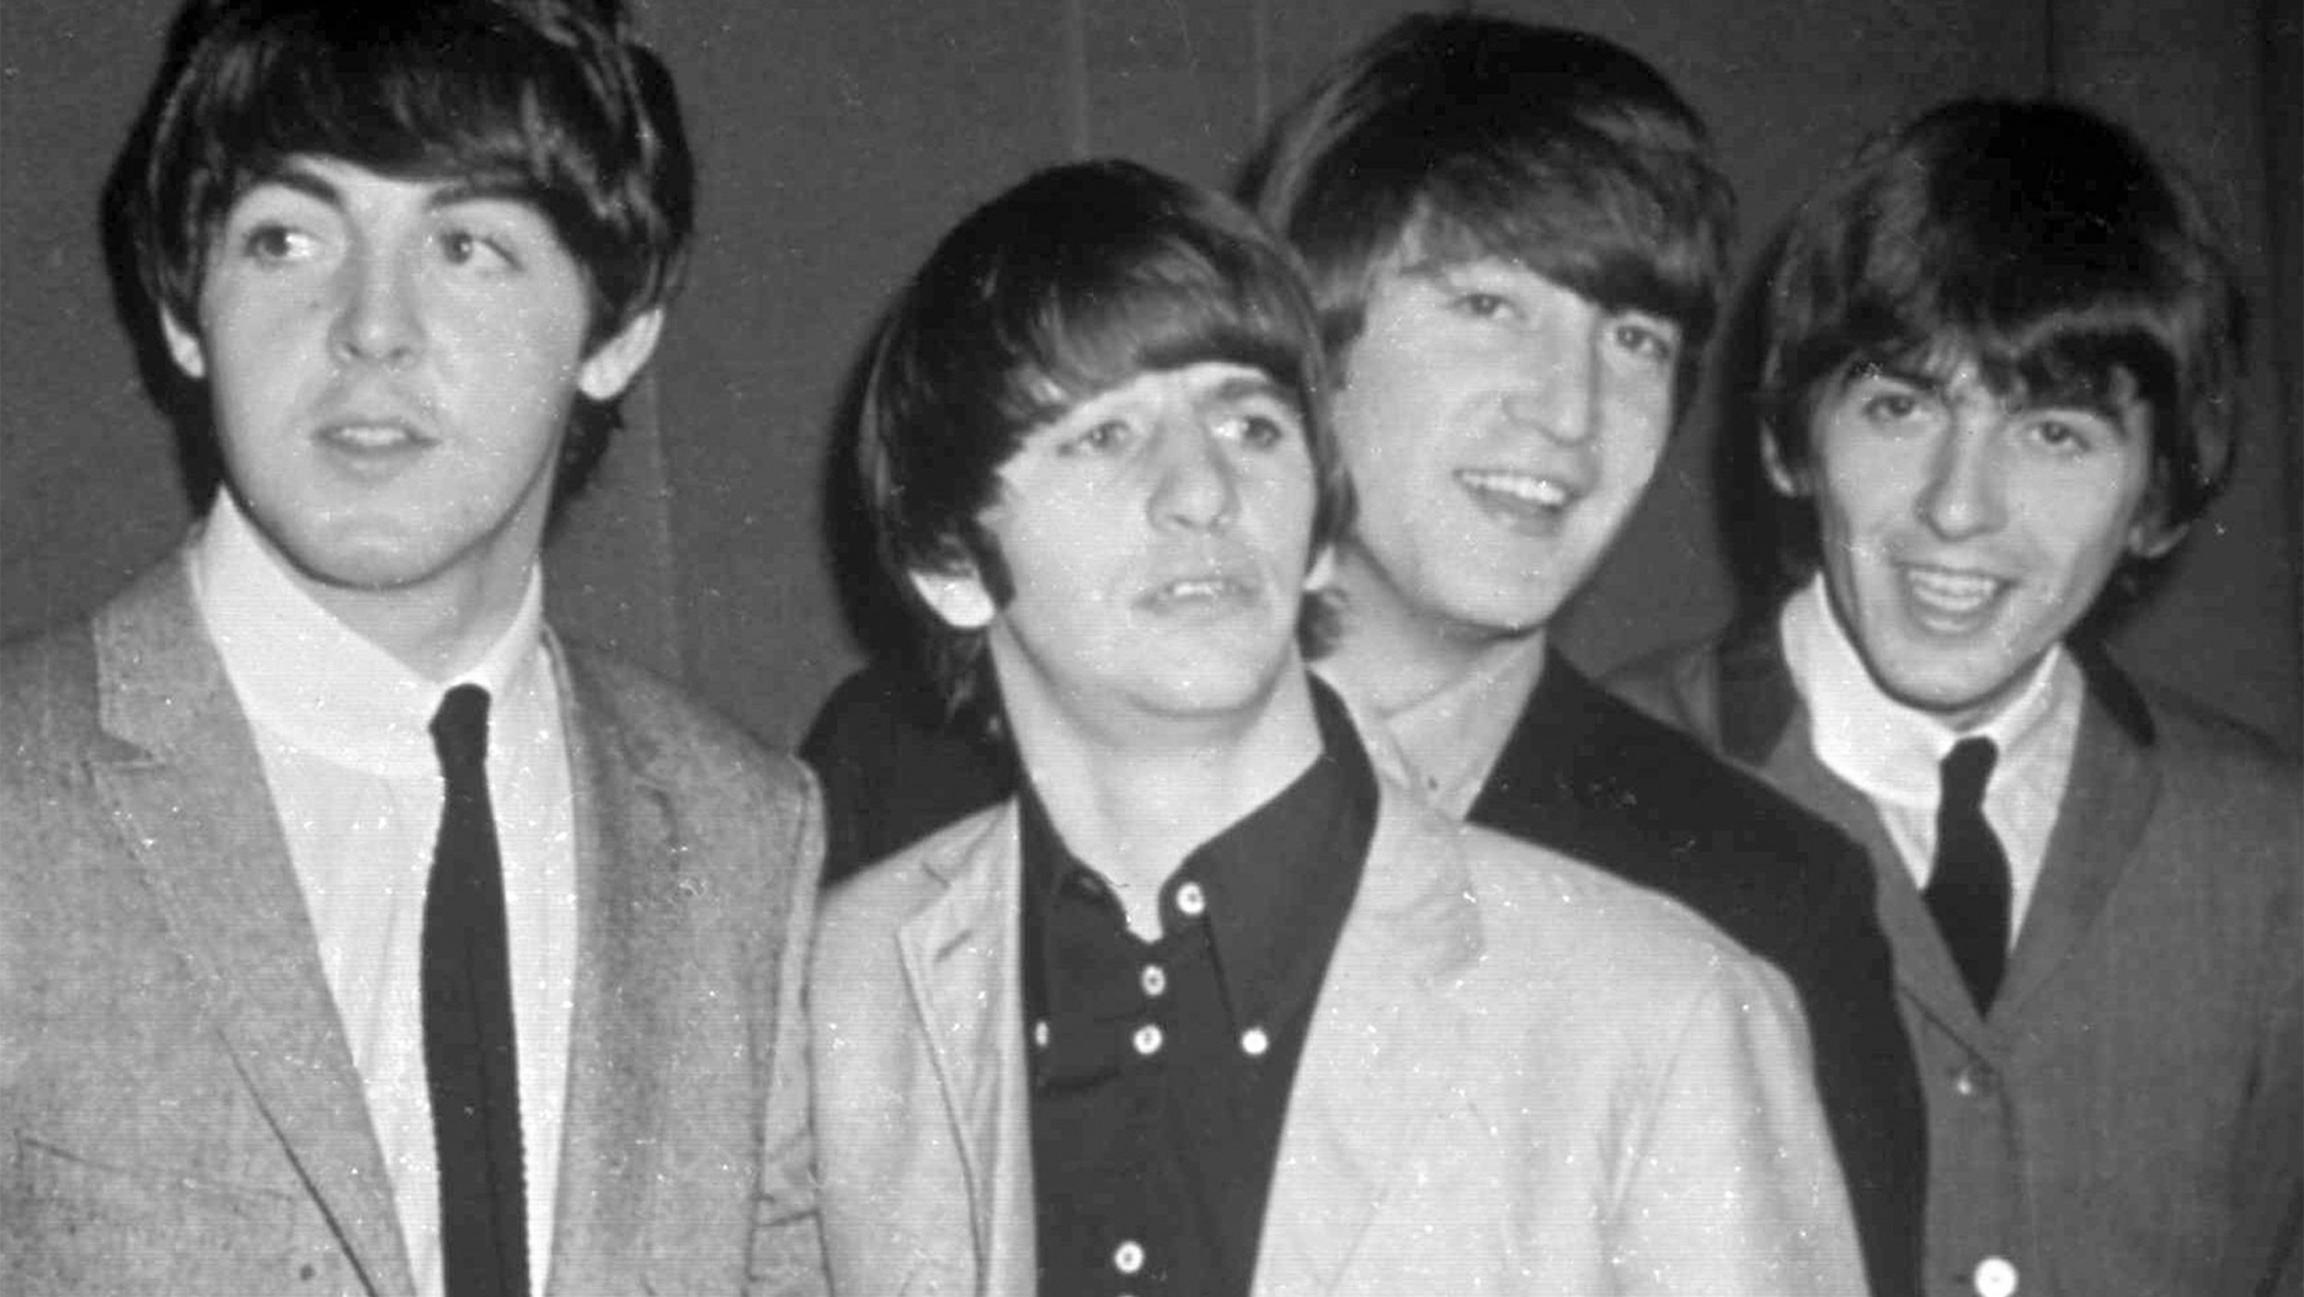 The Beatles, from left, Paul McCartney, Ringo Starr, John Lennon and George Harrison